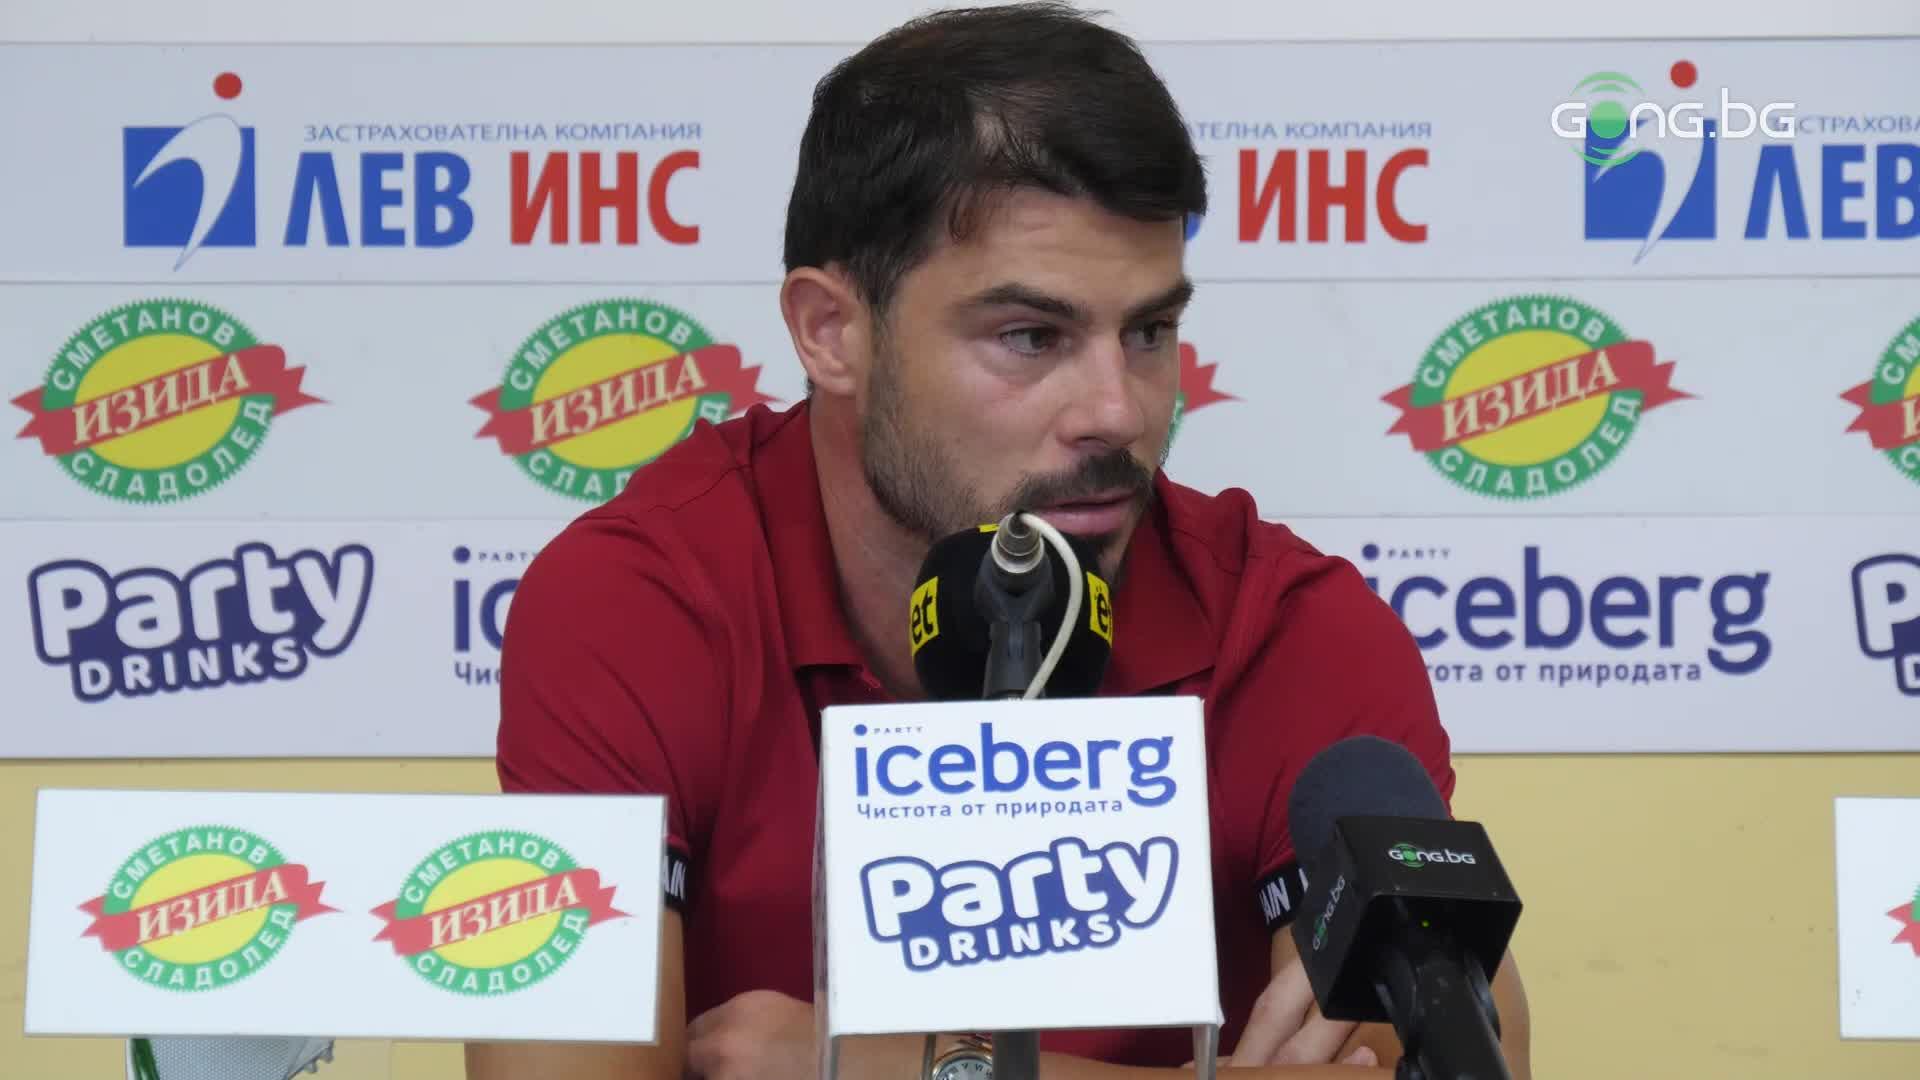 Галин Иванов: Тази година ще бъде много по-трудно